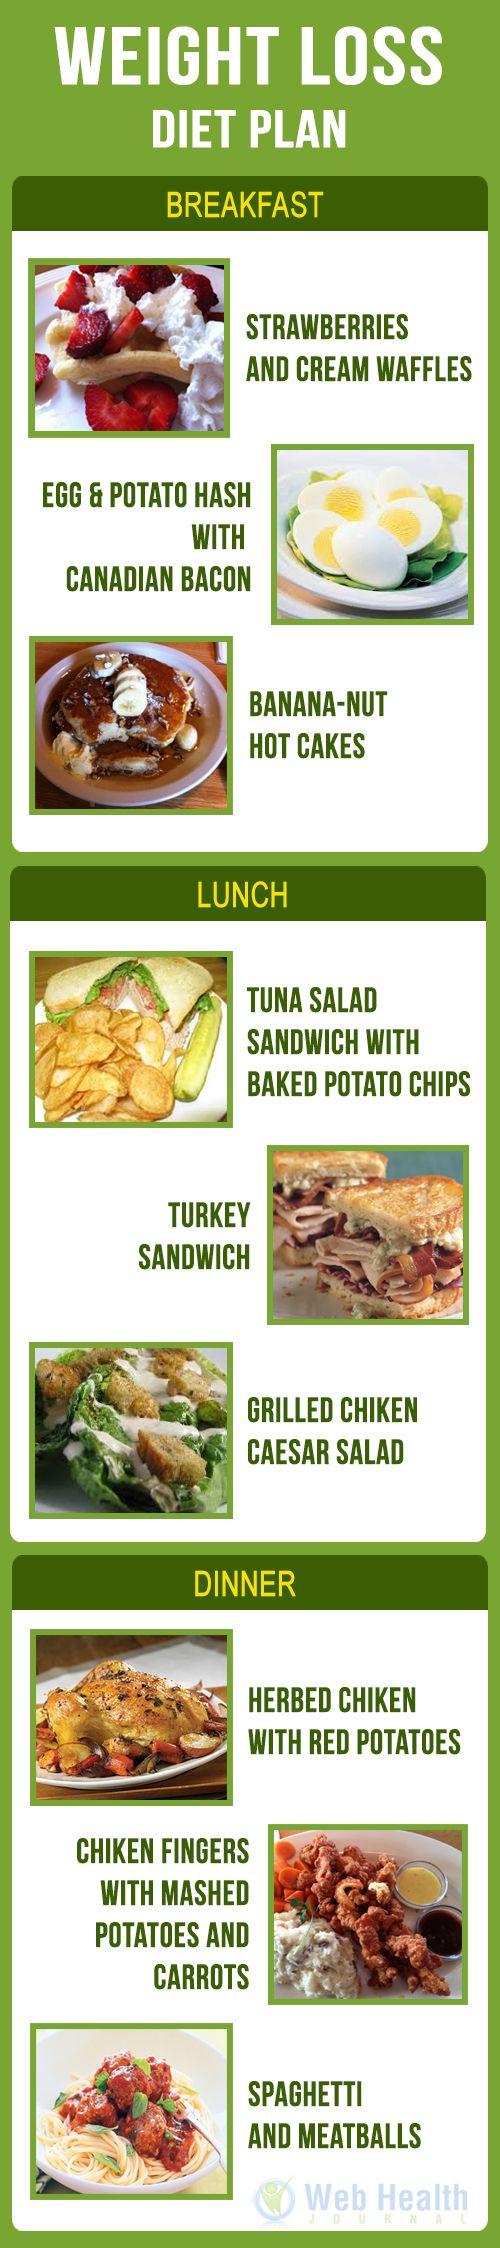 vegetarian diet weight loss tips